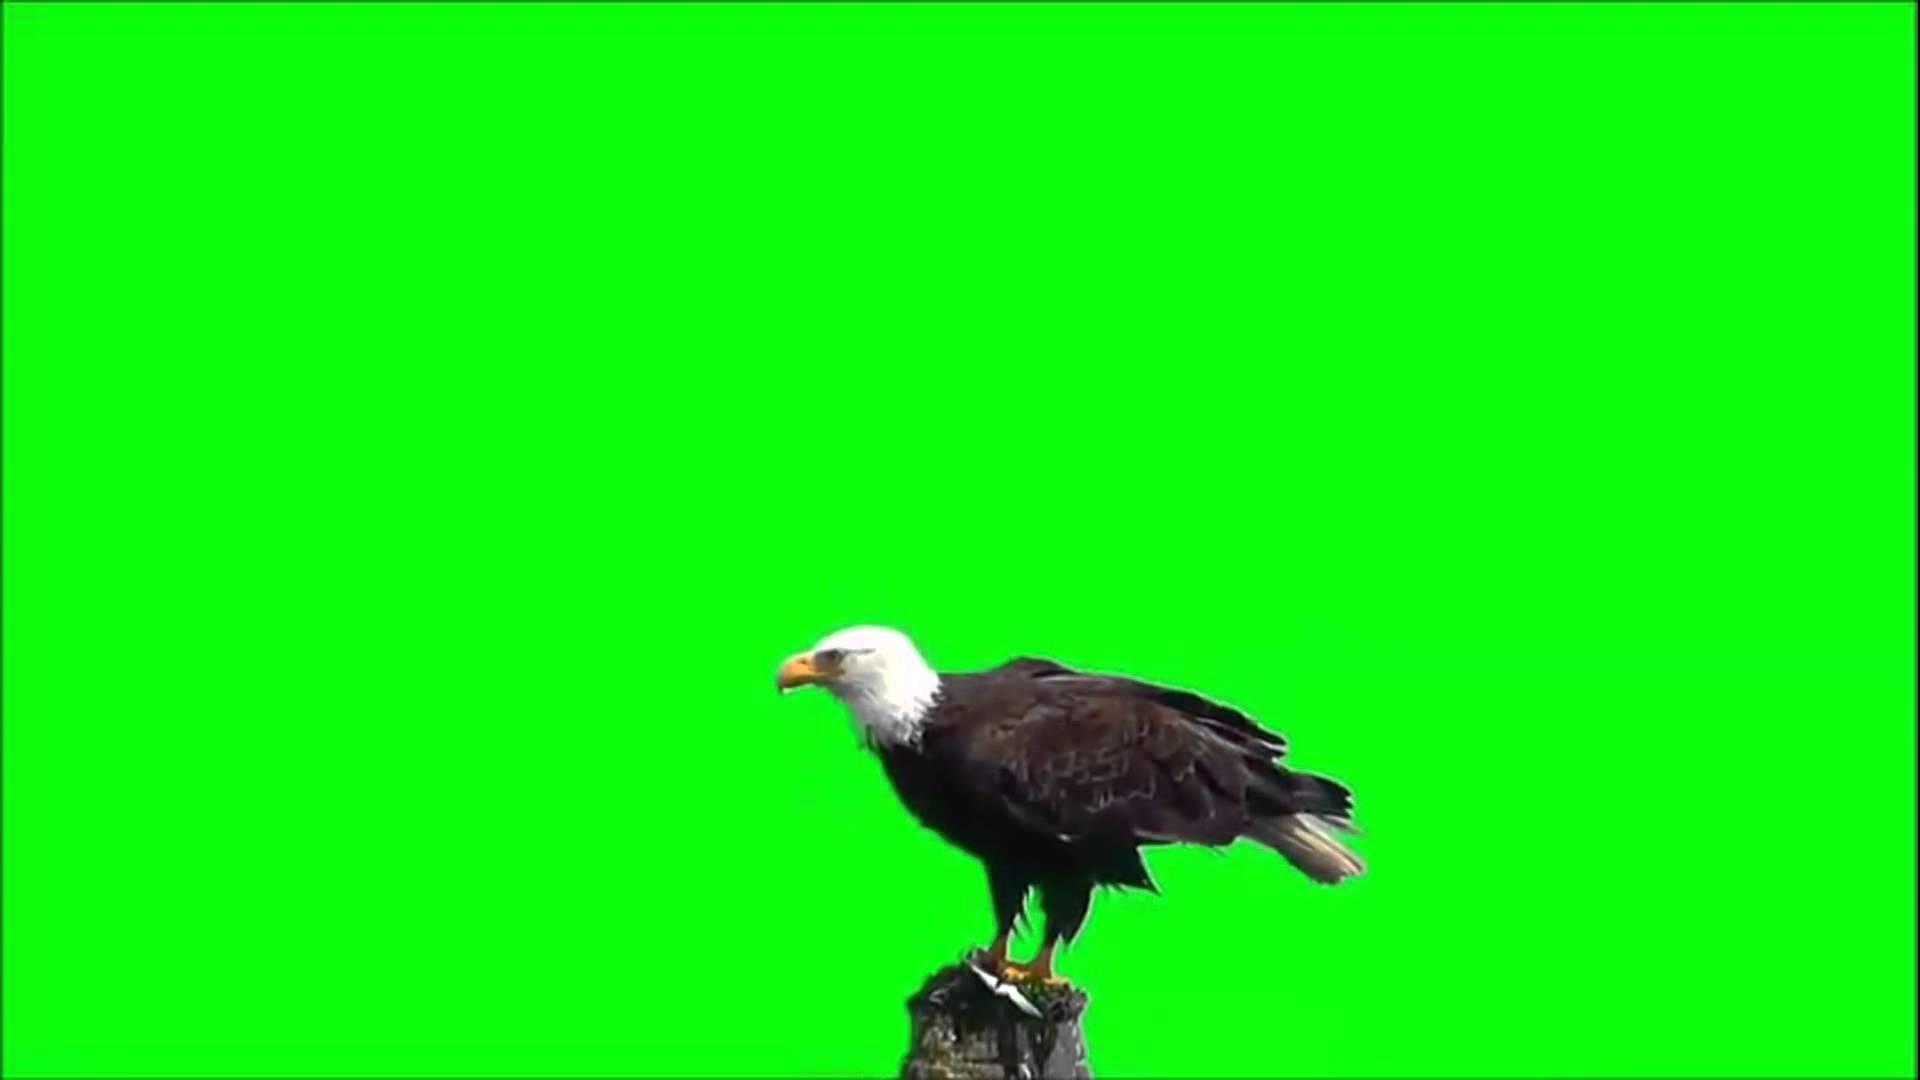 بالصور خلفية خضراء , اروع الخلفيات الخضراء 3644 8